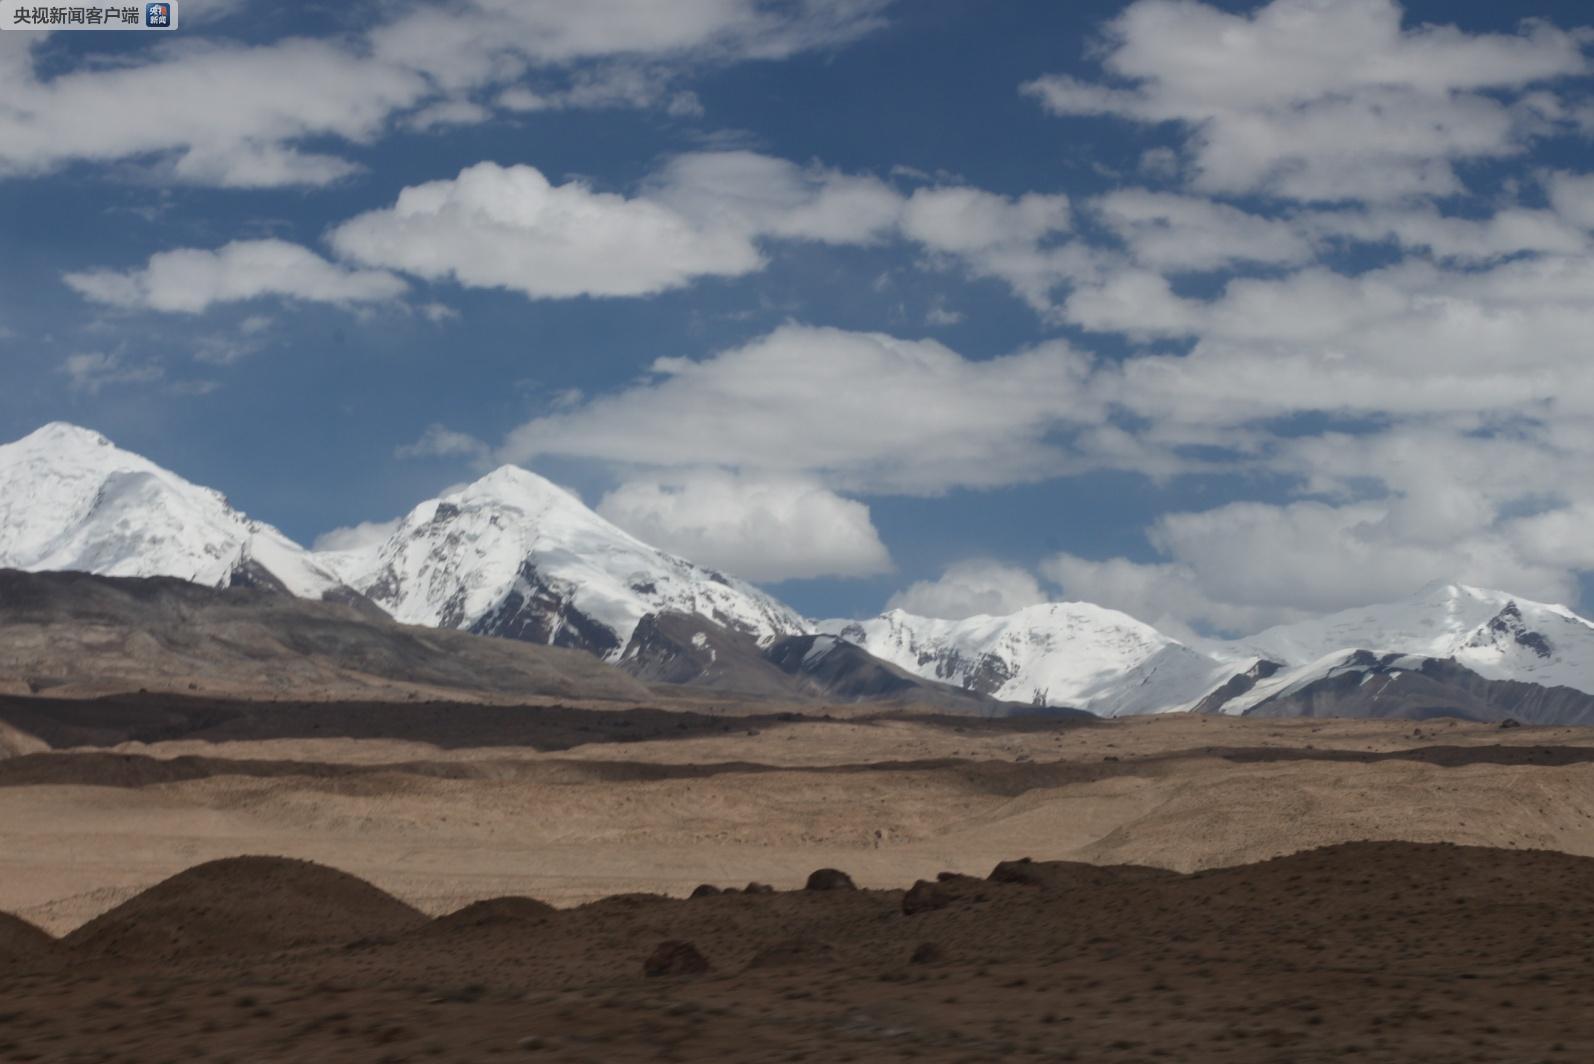 2012年新疆人口_砥砺奋进的5年·新疆篇森林草场成片拓展绿染新疆